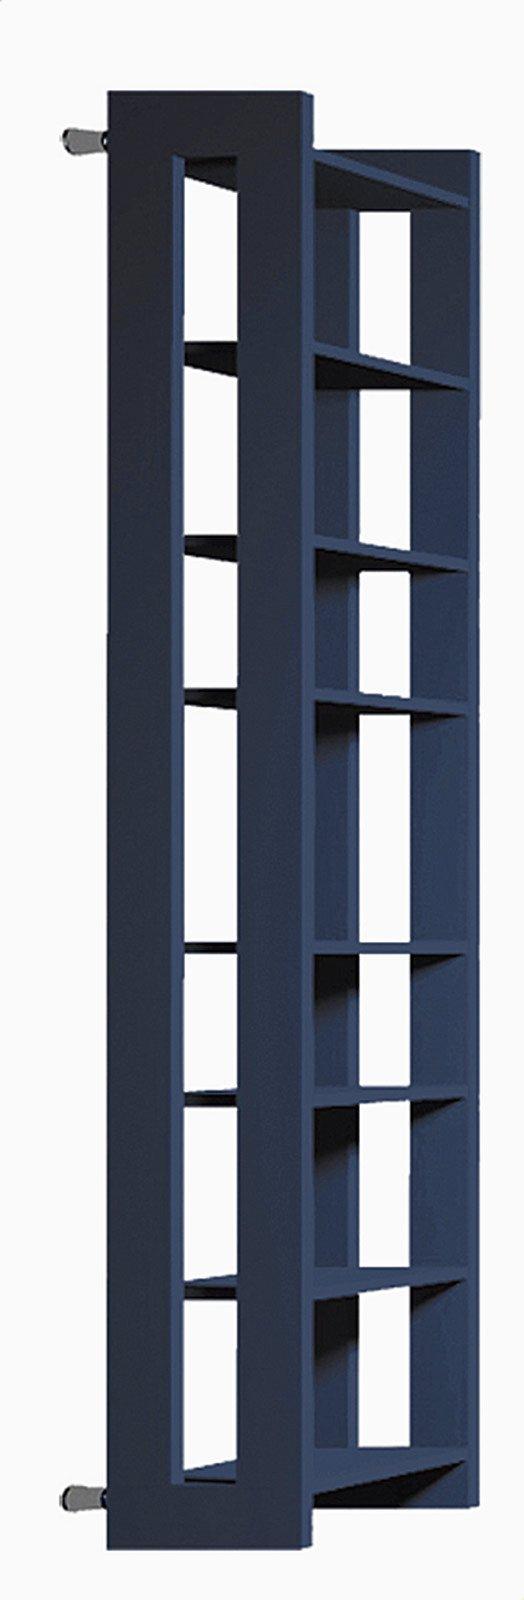 L'applicazione del colore sulle superfici scaldanti non interferisce in alcun modo con l'efficienza di queste. Inoltre particolari tonalità risultano valorizzate da alcuni trattamenti cui è sottoposto il metallo nel processo di produzione. Per esempio il fosfosgrassaggio, che serve a proteggere il ferro e a eliminare i residui della lavorazione prima dell'applicazione della finitura, enfatizza il blu.  Gli elementi verticali costituiscono il corpo scaldante del radiatore e quelli orizzontali si scaldano per conduzione; misura L 56 x H 180 cm e costa 1.159 euro Paco di Brem ] www.brem.it